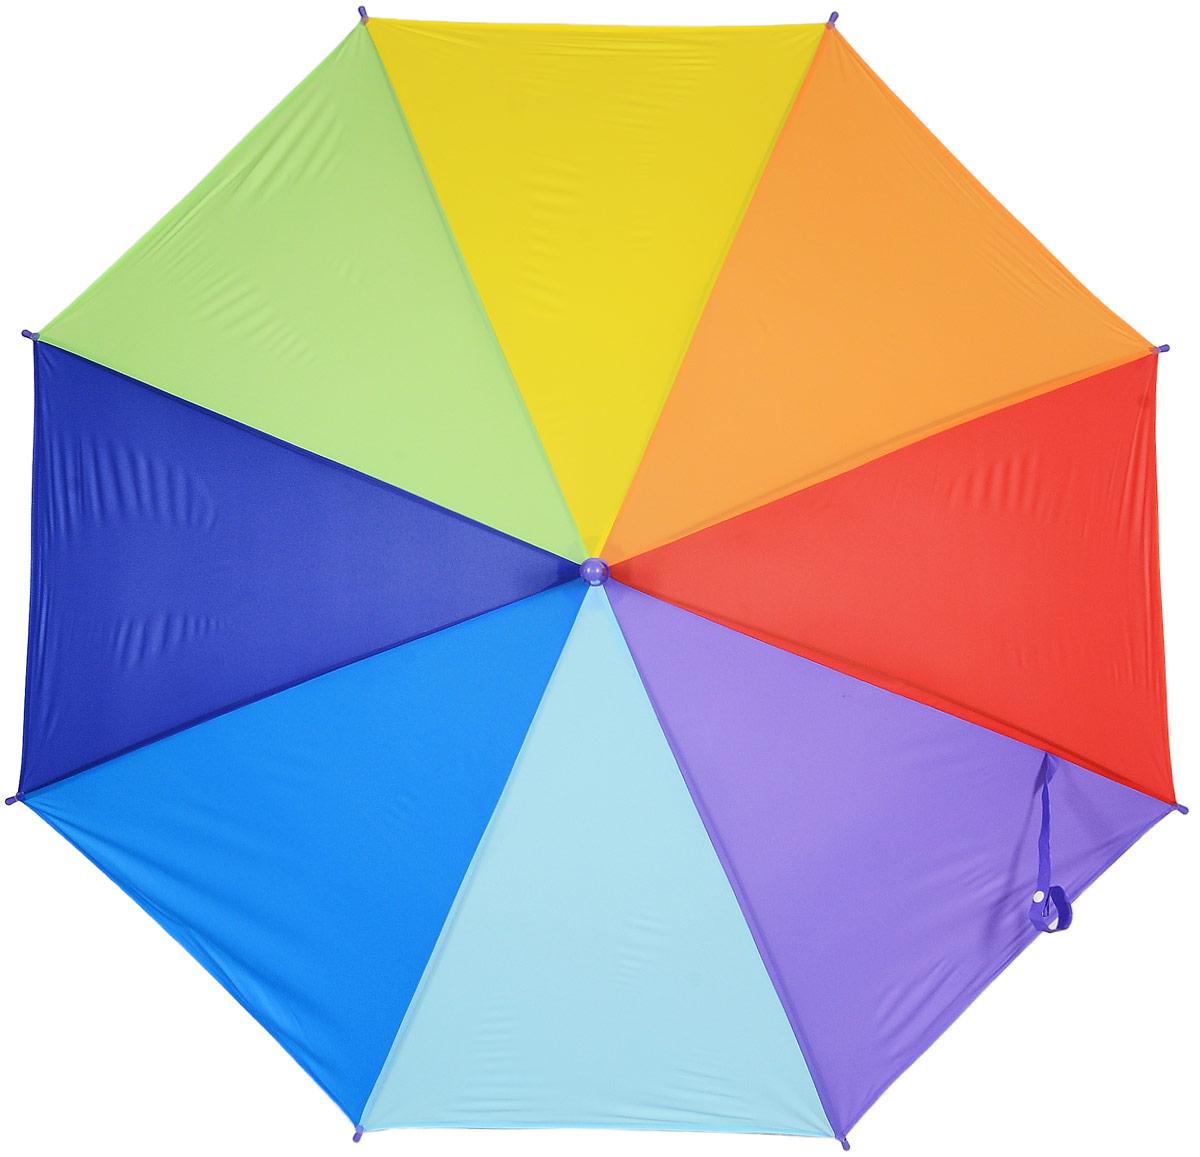 Зонт женский Эврика Радуга, цвет: зеленый, желтый, синий. 9750397503_фиолетовыйСтильный механический зонт Эврика Радуга даже в ненастную погоду позволит вам оставаться стильной и элегантной. Каркас зонта из металла состоит из восьми спиц, оснащен удобной рукояткой. Купол зонта выполнен из прочного поливинилхлорида. Закрытый купол фиксируется хлястиком на кнопке.